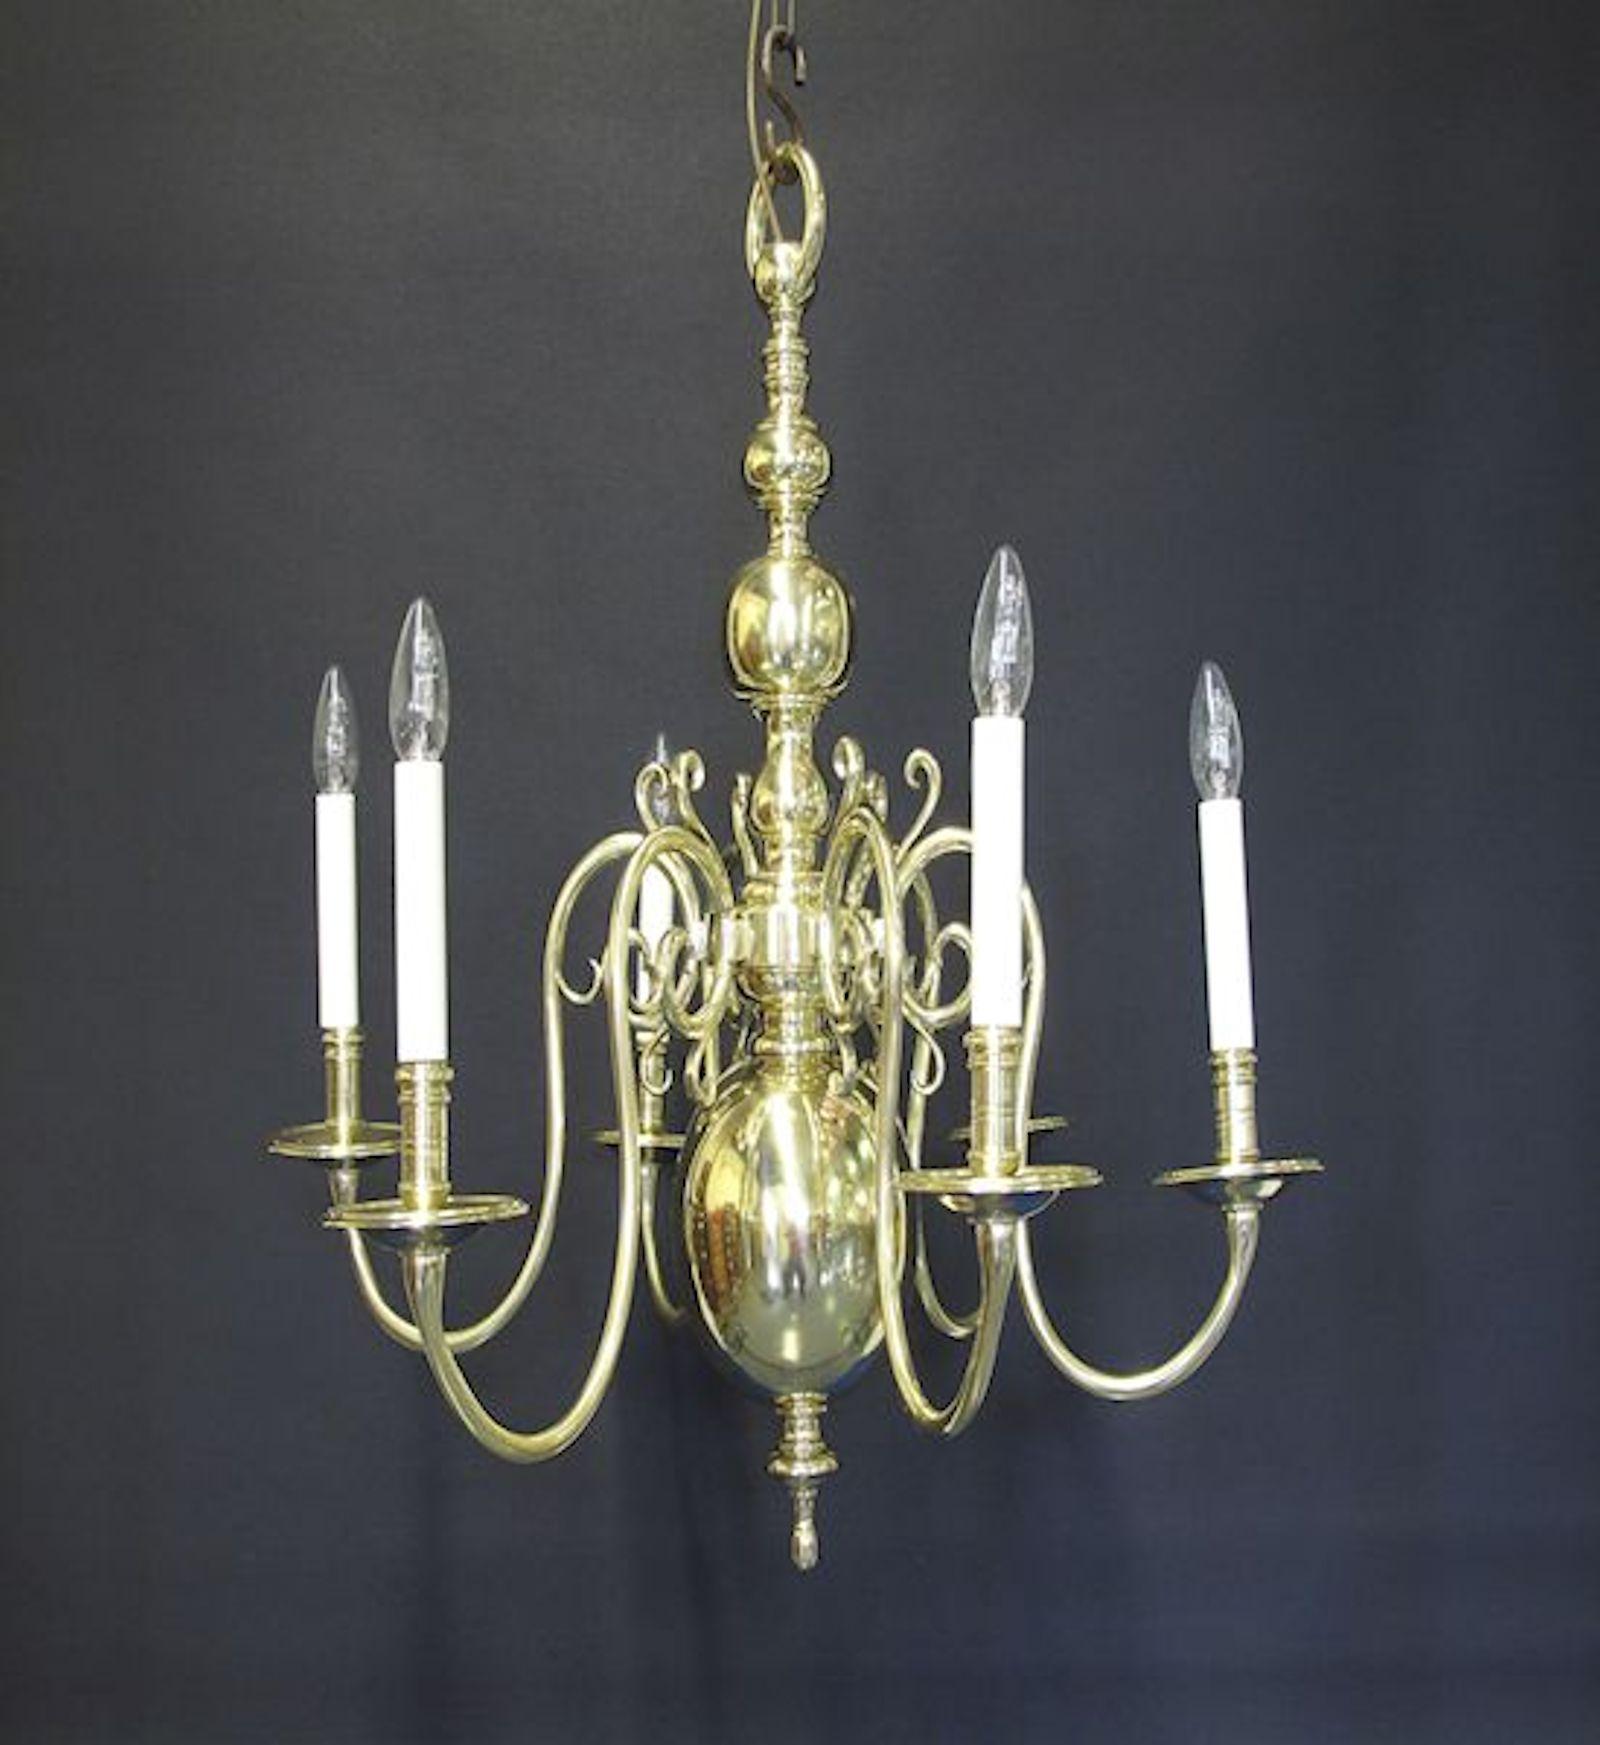 G p cohn antique chandeliers repairs restoration 6 arm dutch style chandelier ca 1920 aloadofball Images